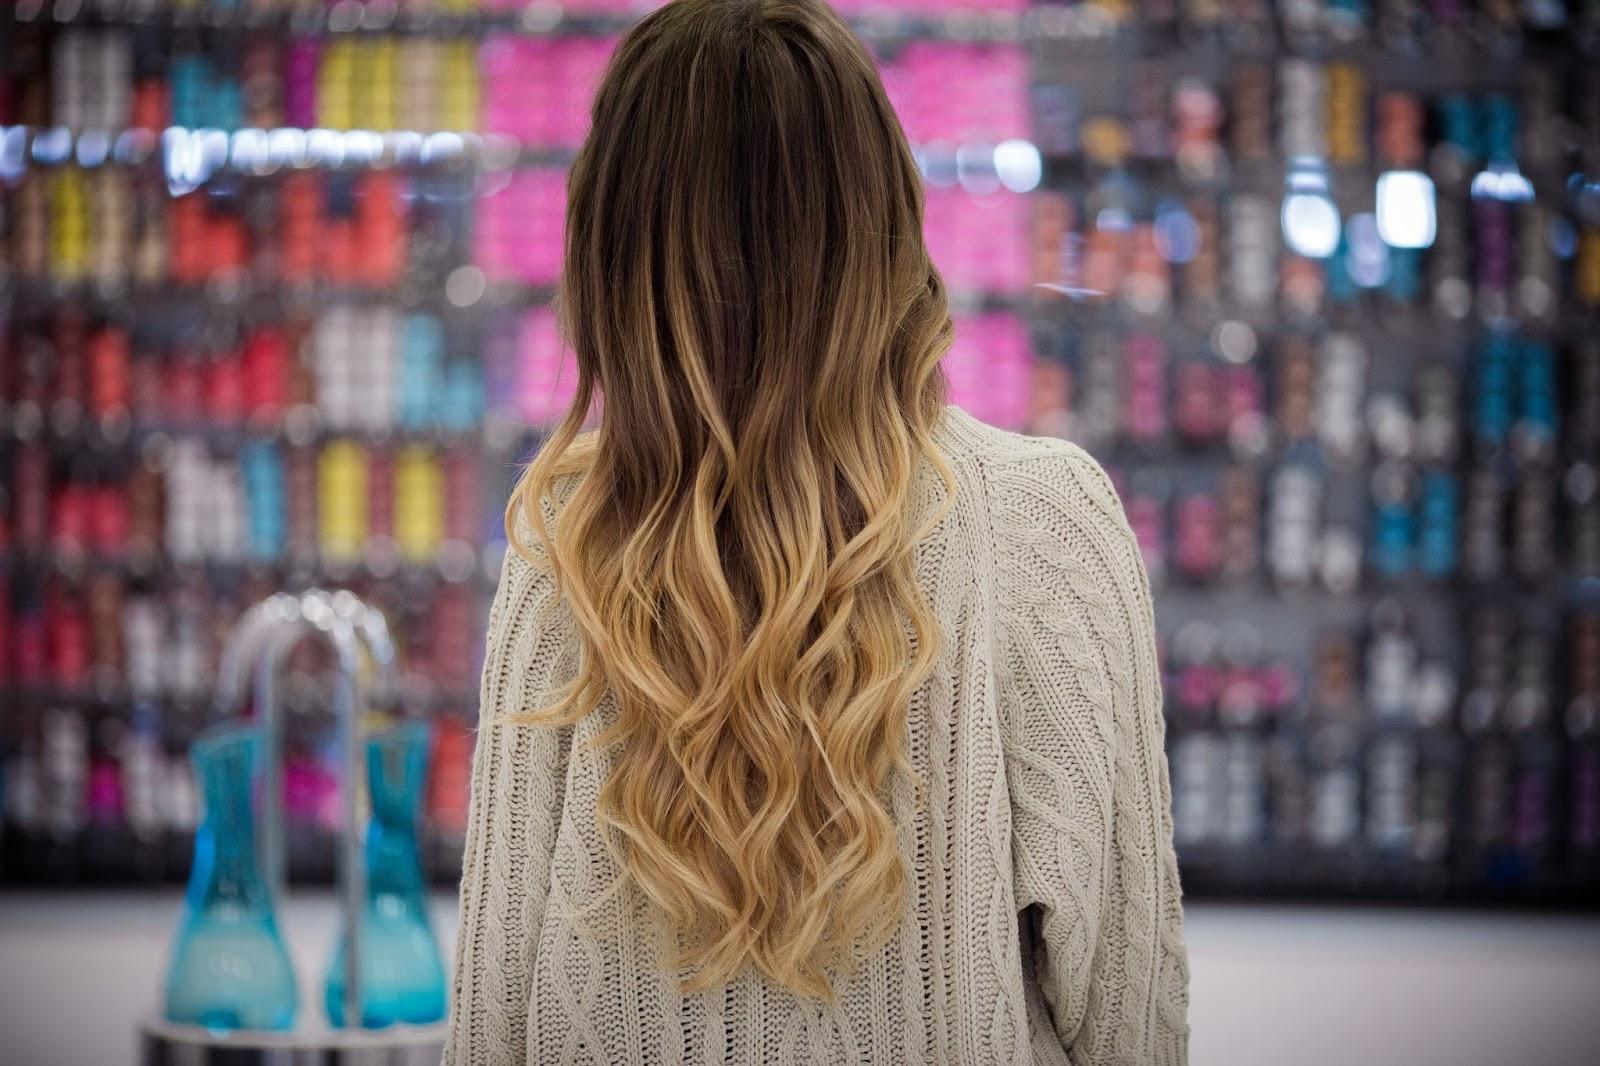 привязанный как красиво покрасить волосы фото жена успешные